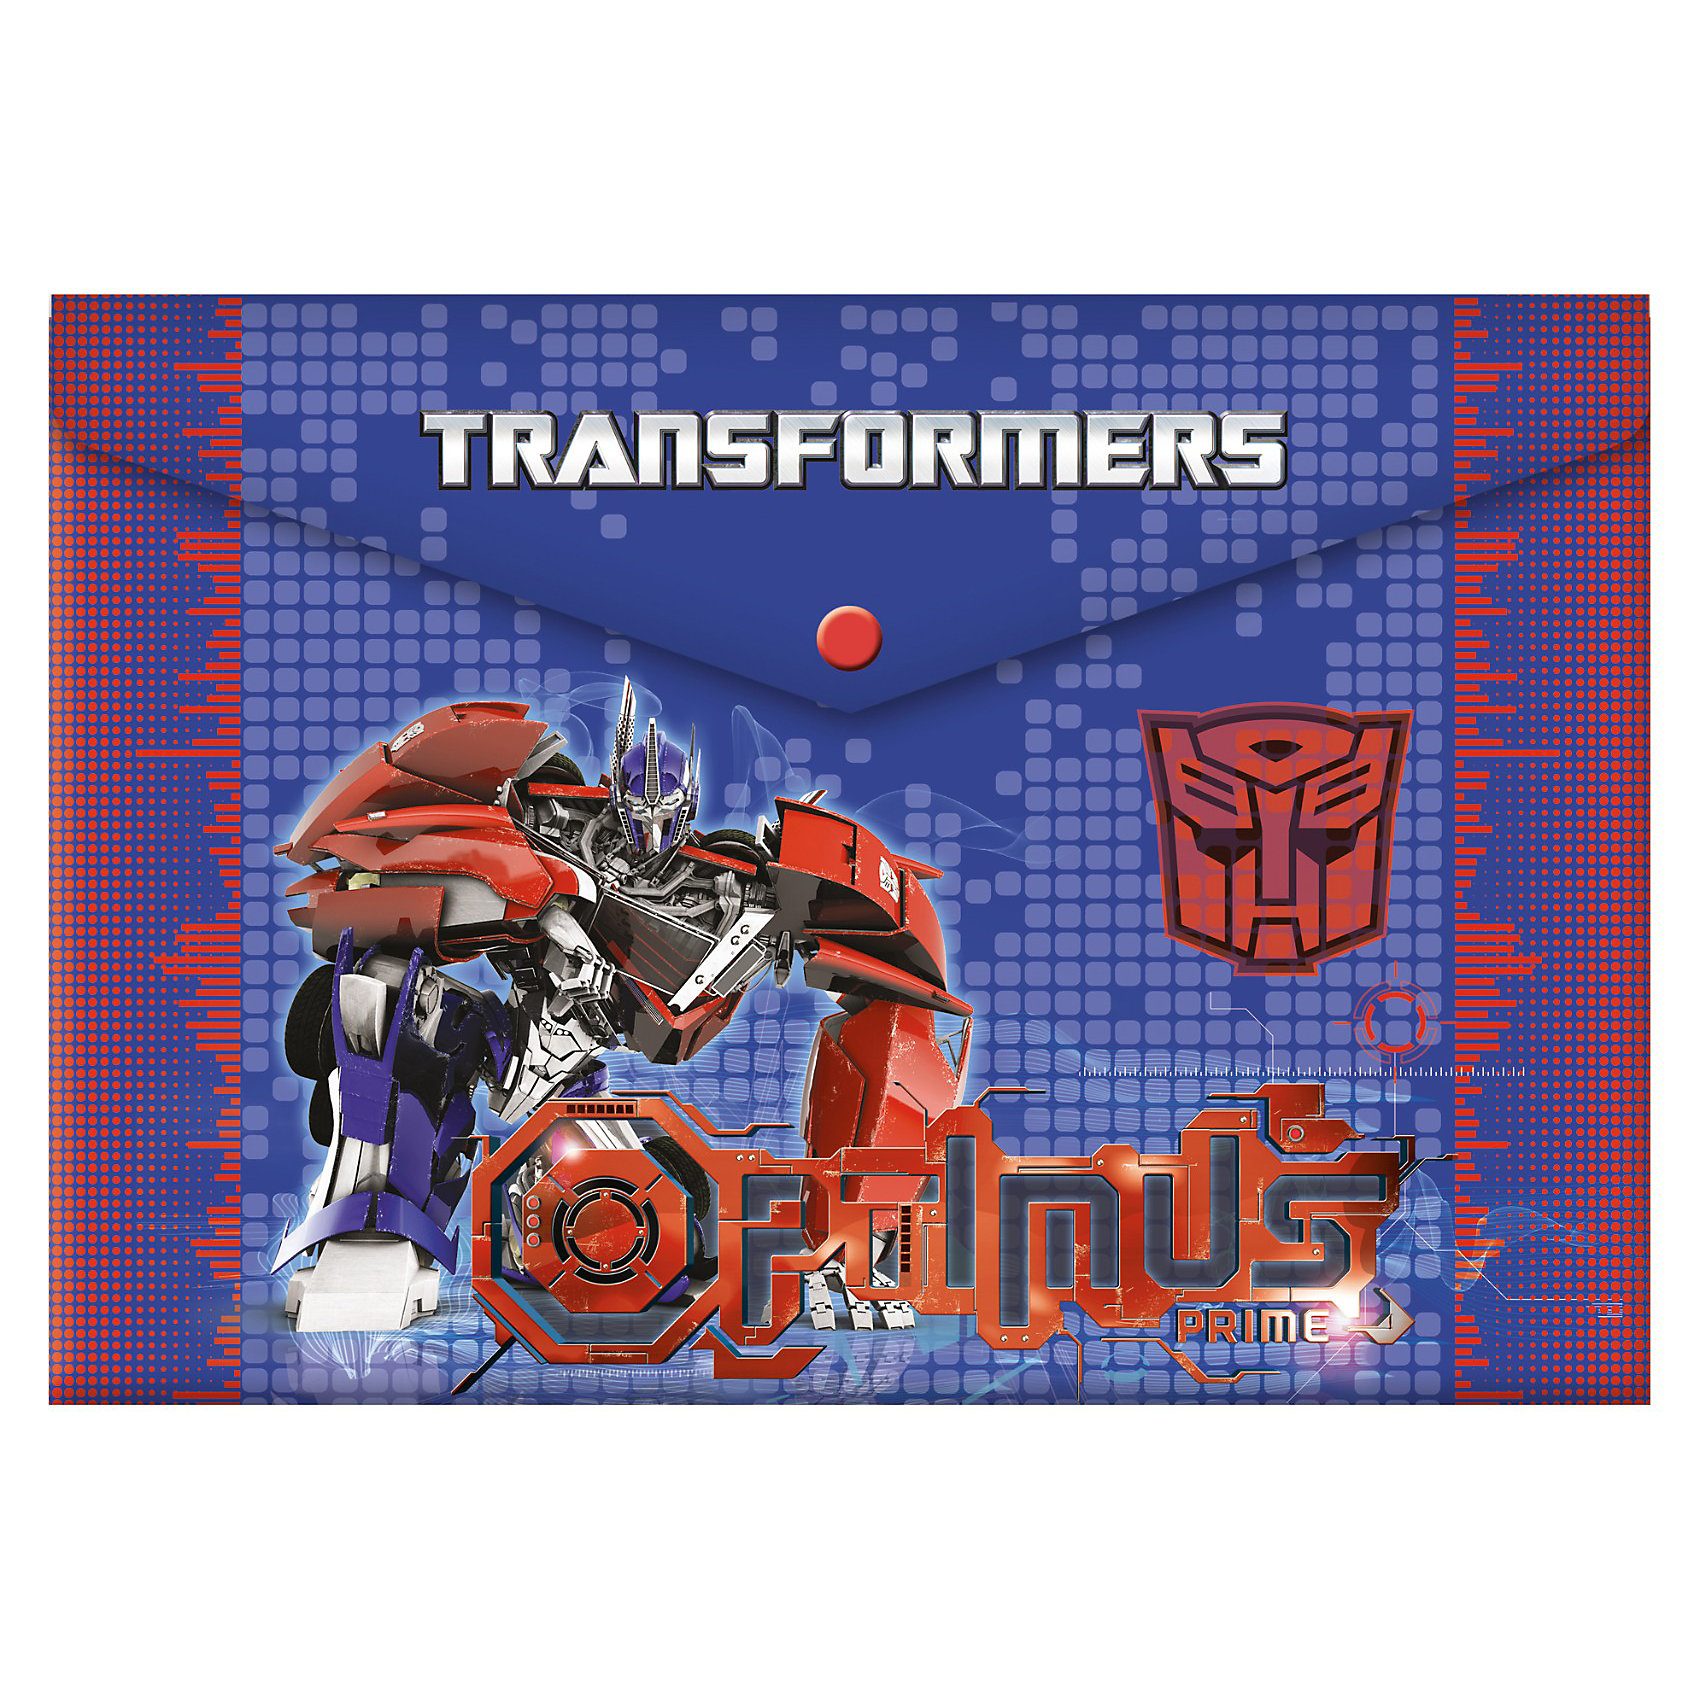 Пластиковая папка-конверт, ТрансформерыПластиковая папка-конверт, Transformers (Трансформеры) – стильный дизайн папки обязательно понравится вашему ребенку.<br>Пластиковая папка-конверт с застежкой кнопкой Transformers (Трансформеры) обязательно пригодится вашему ребенку-школьнику. Размер позволяет поместить внутрь листы формата А4.<br><br>Дополнительная информация:<br><br>- Формат А4<br>- Материал: пластик 0,15 мм.<br>- Печать на корпусе: полноцветная, офсетная<br><br>Пластиковую папку-конверт, Transformers (Трансформеры) можно купить в нашем интернет-магазине.<br><br>Ширина мм: 235<br>Глубина мм: 330<br>Высота мм: 5<br>Вес г: 27<br>Возраст от месяцев: 96<br>Возраст до месяцев: 108<br>Пол: Мужской<br>Возраст: Детский<br>SKU: 3563177